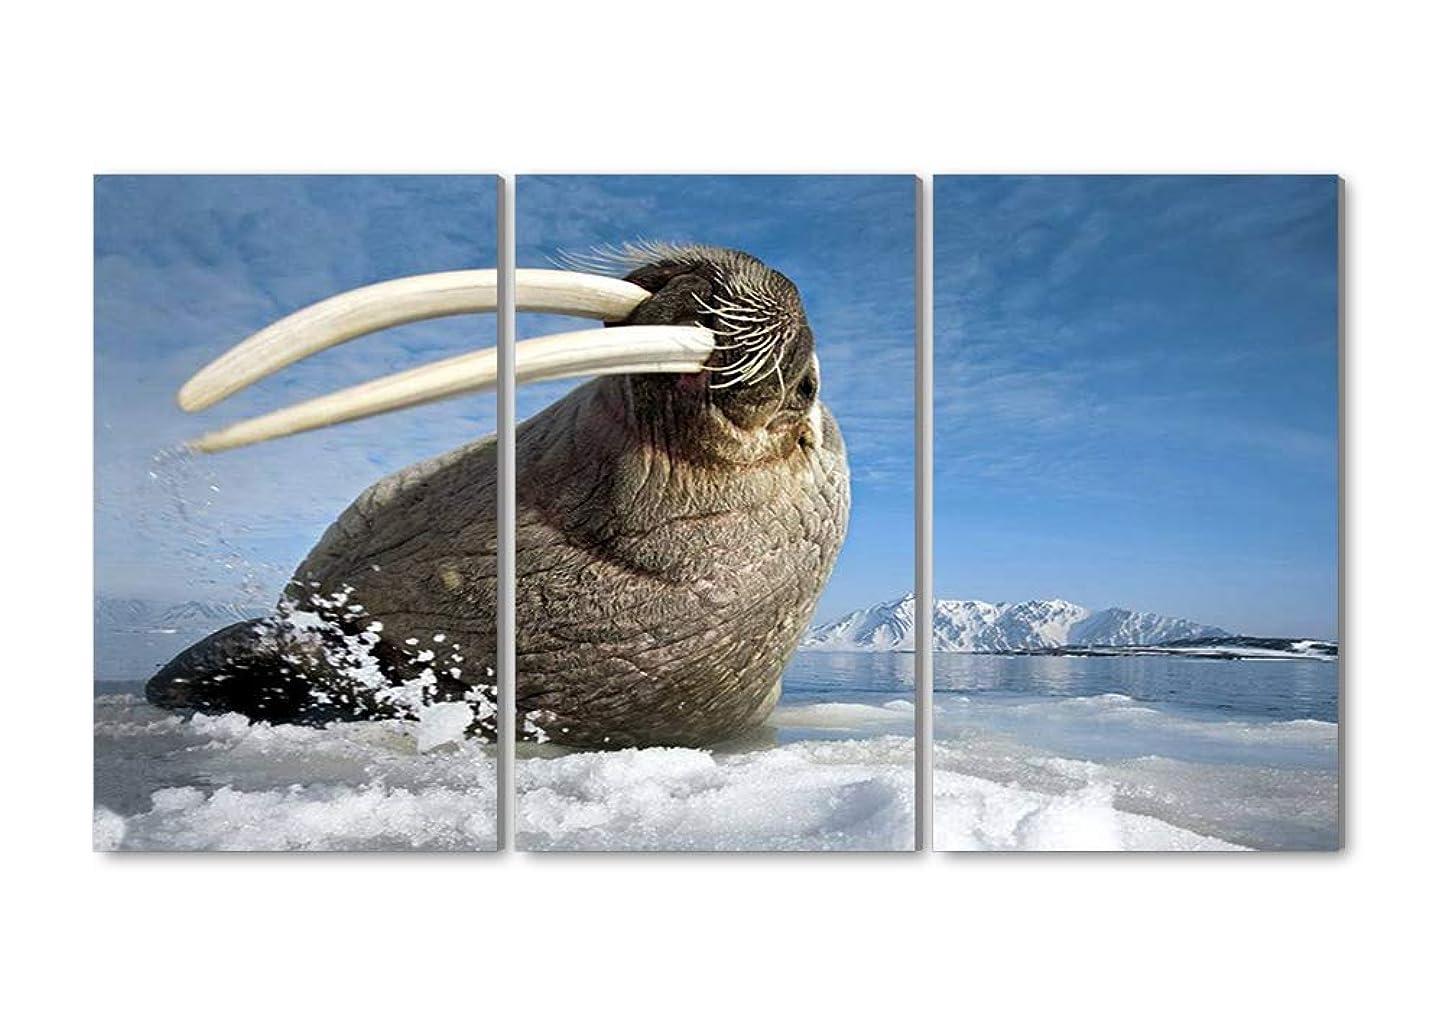 四分円クリエイティブパール50x70CM X3枚 アートパネル 完成品( セイウチ北極海 ) モダン 特大 写真 アートフレーム 絵画 壁飾り キャンバス絵画 パネル装飾画(木枠付きの完成品)